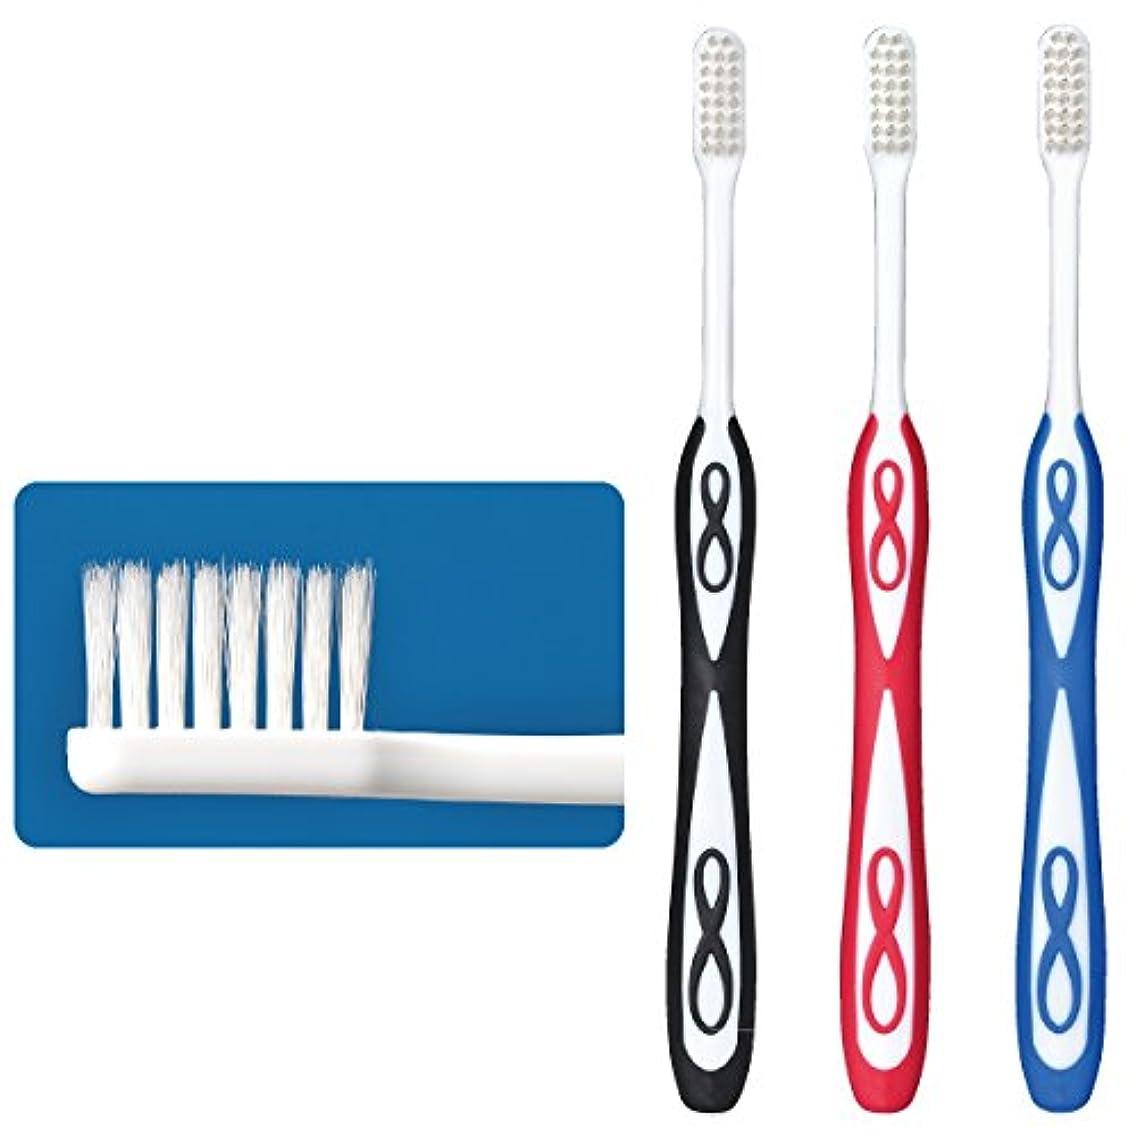 動脈強制限りなくLover8(ラバーエイト)歯ブラシ レギュラータイプ オールテーパー毛 Mふつう 30本入